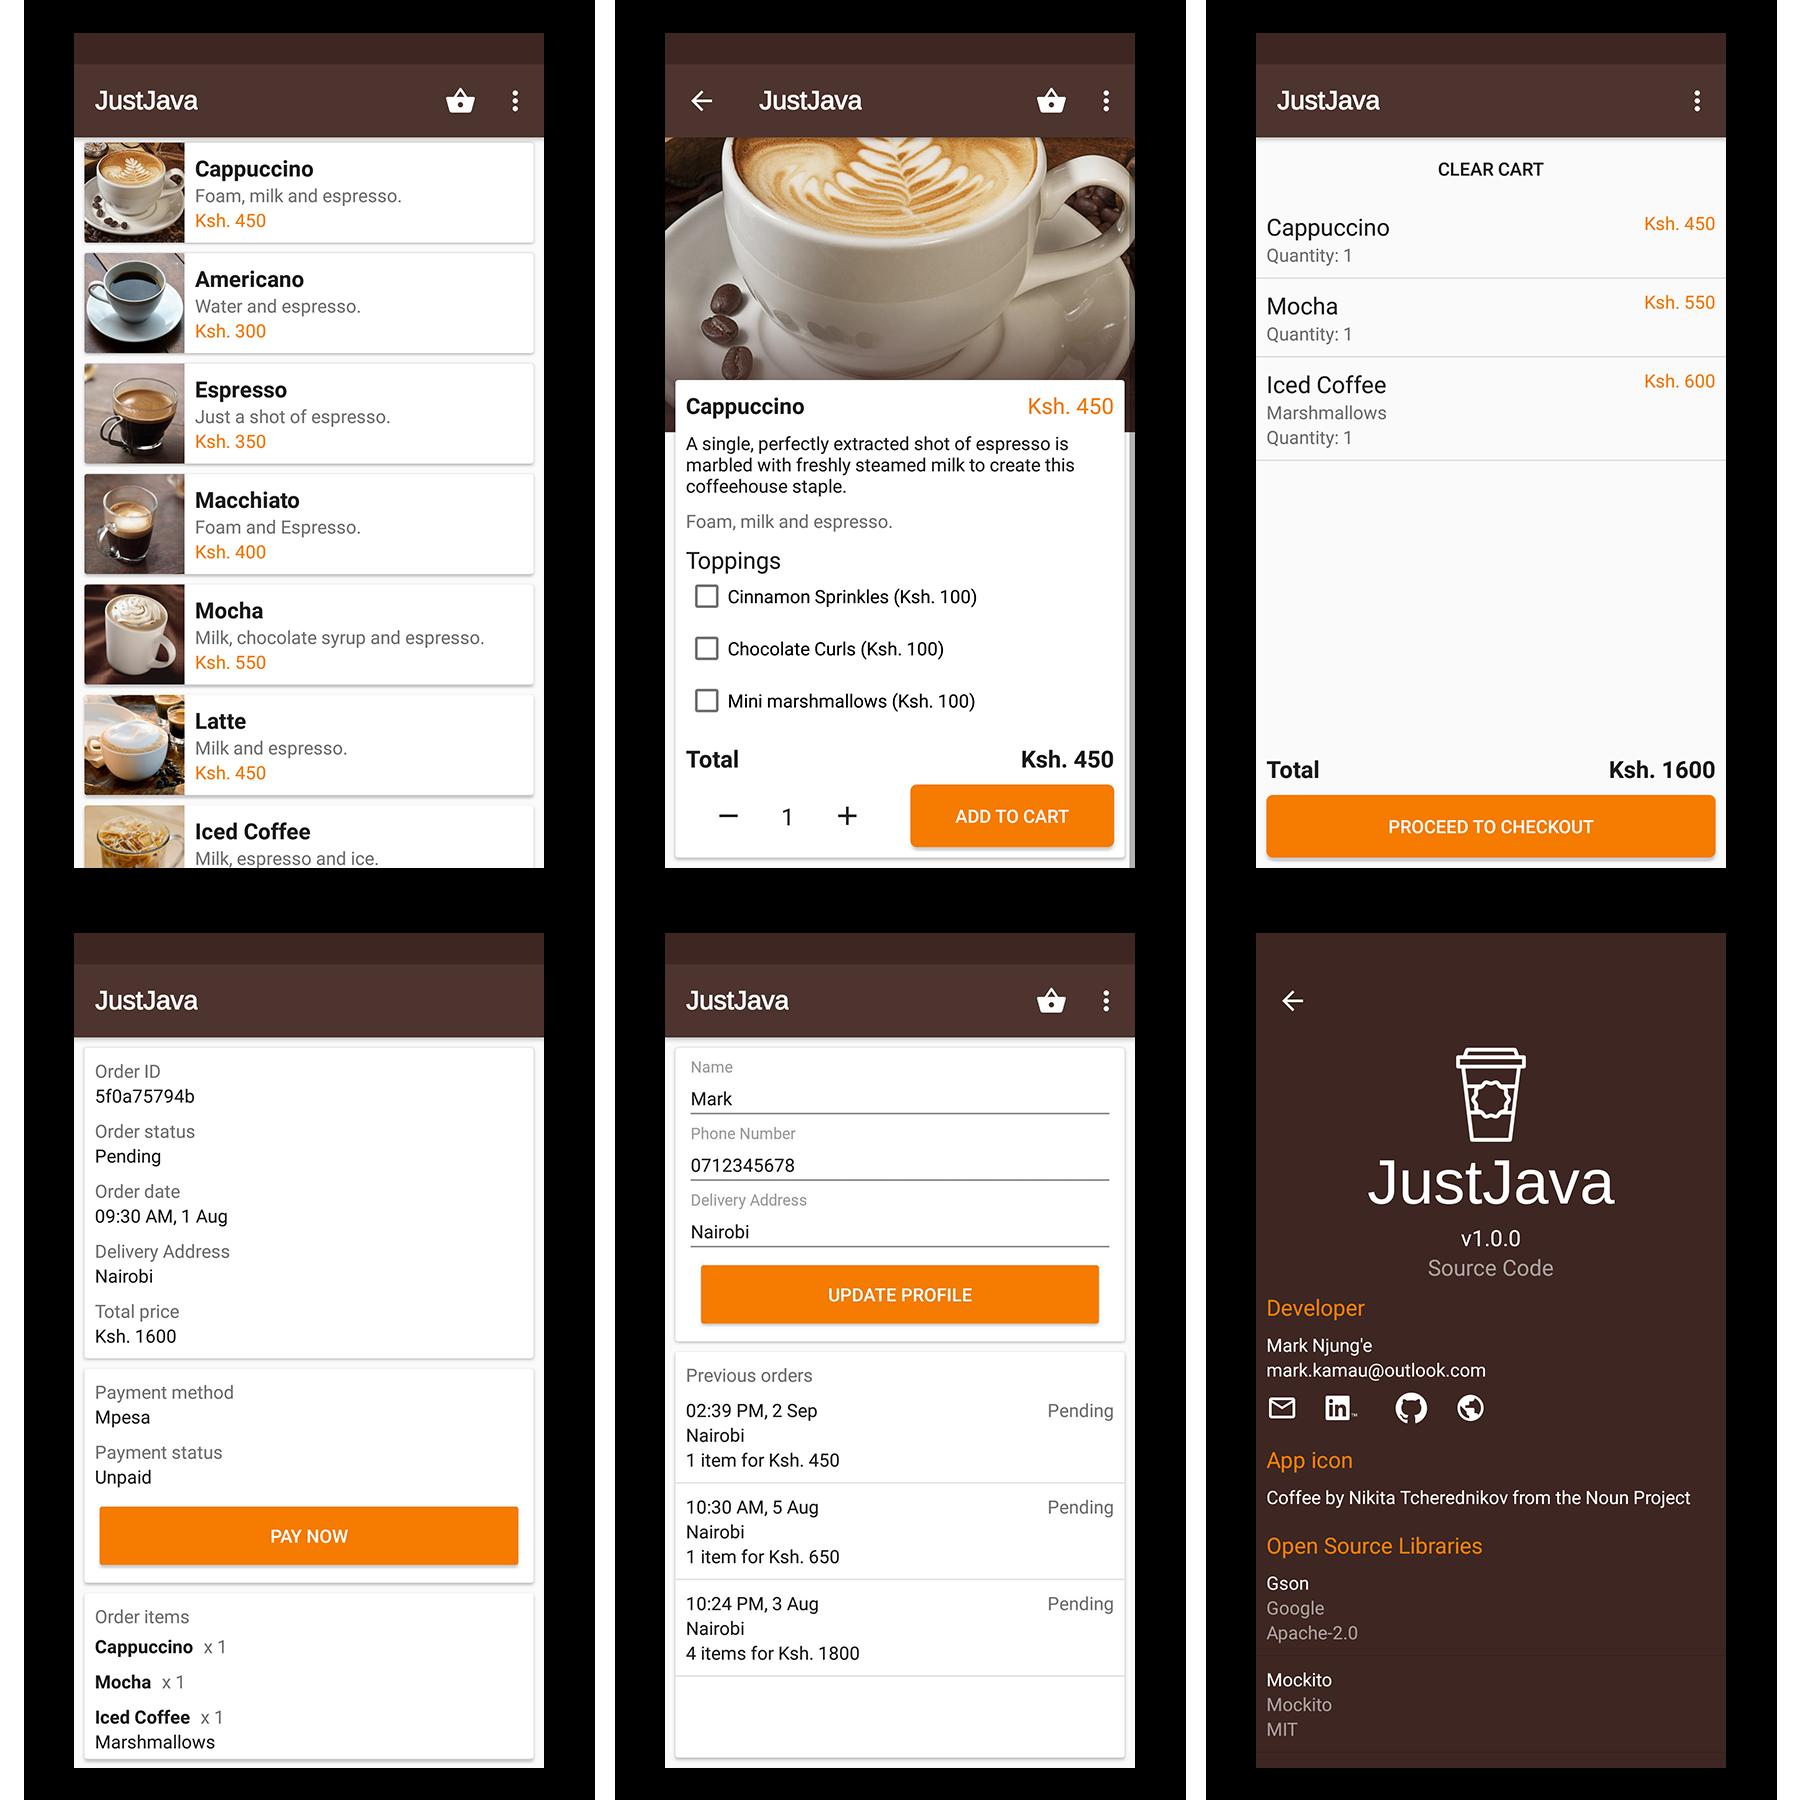 JustJava-Android